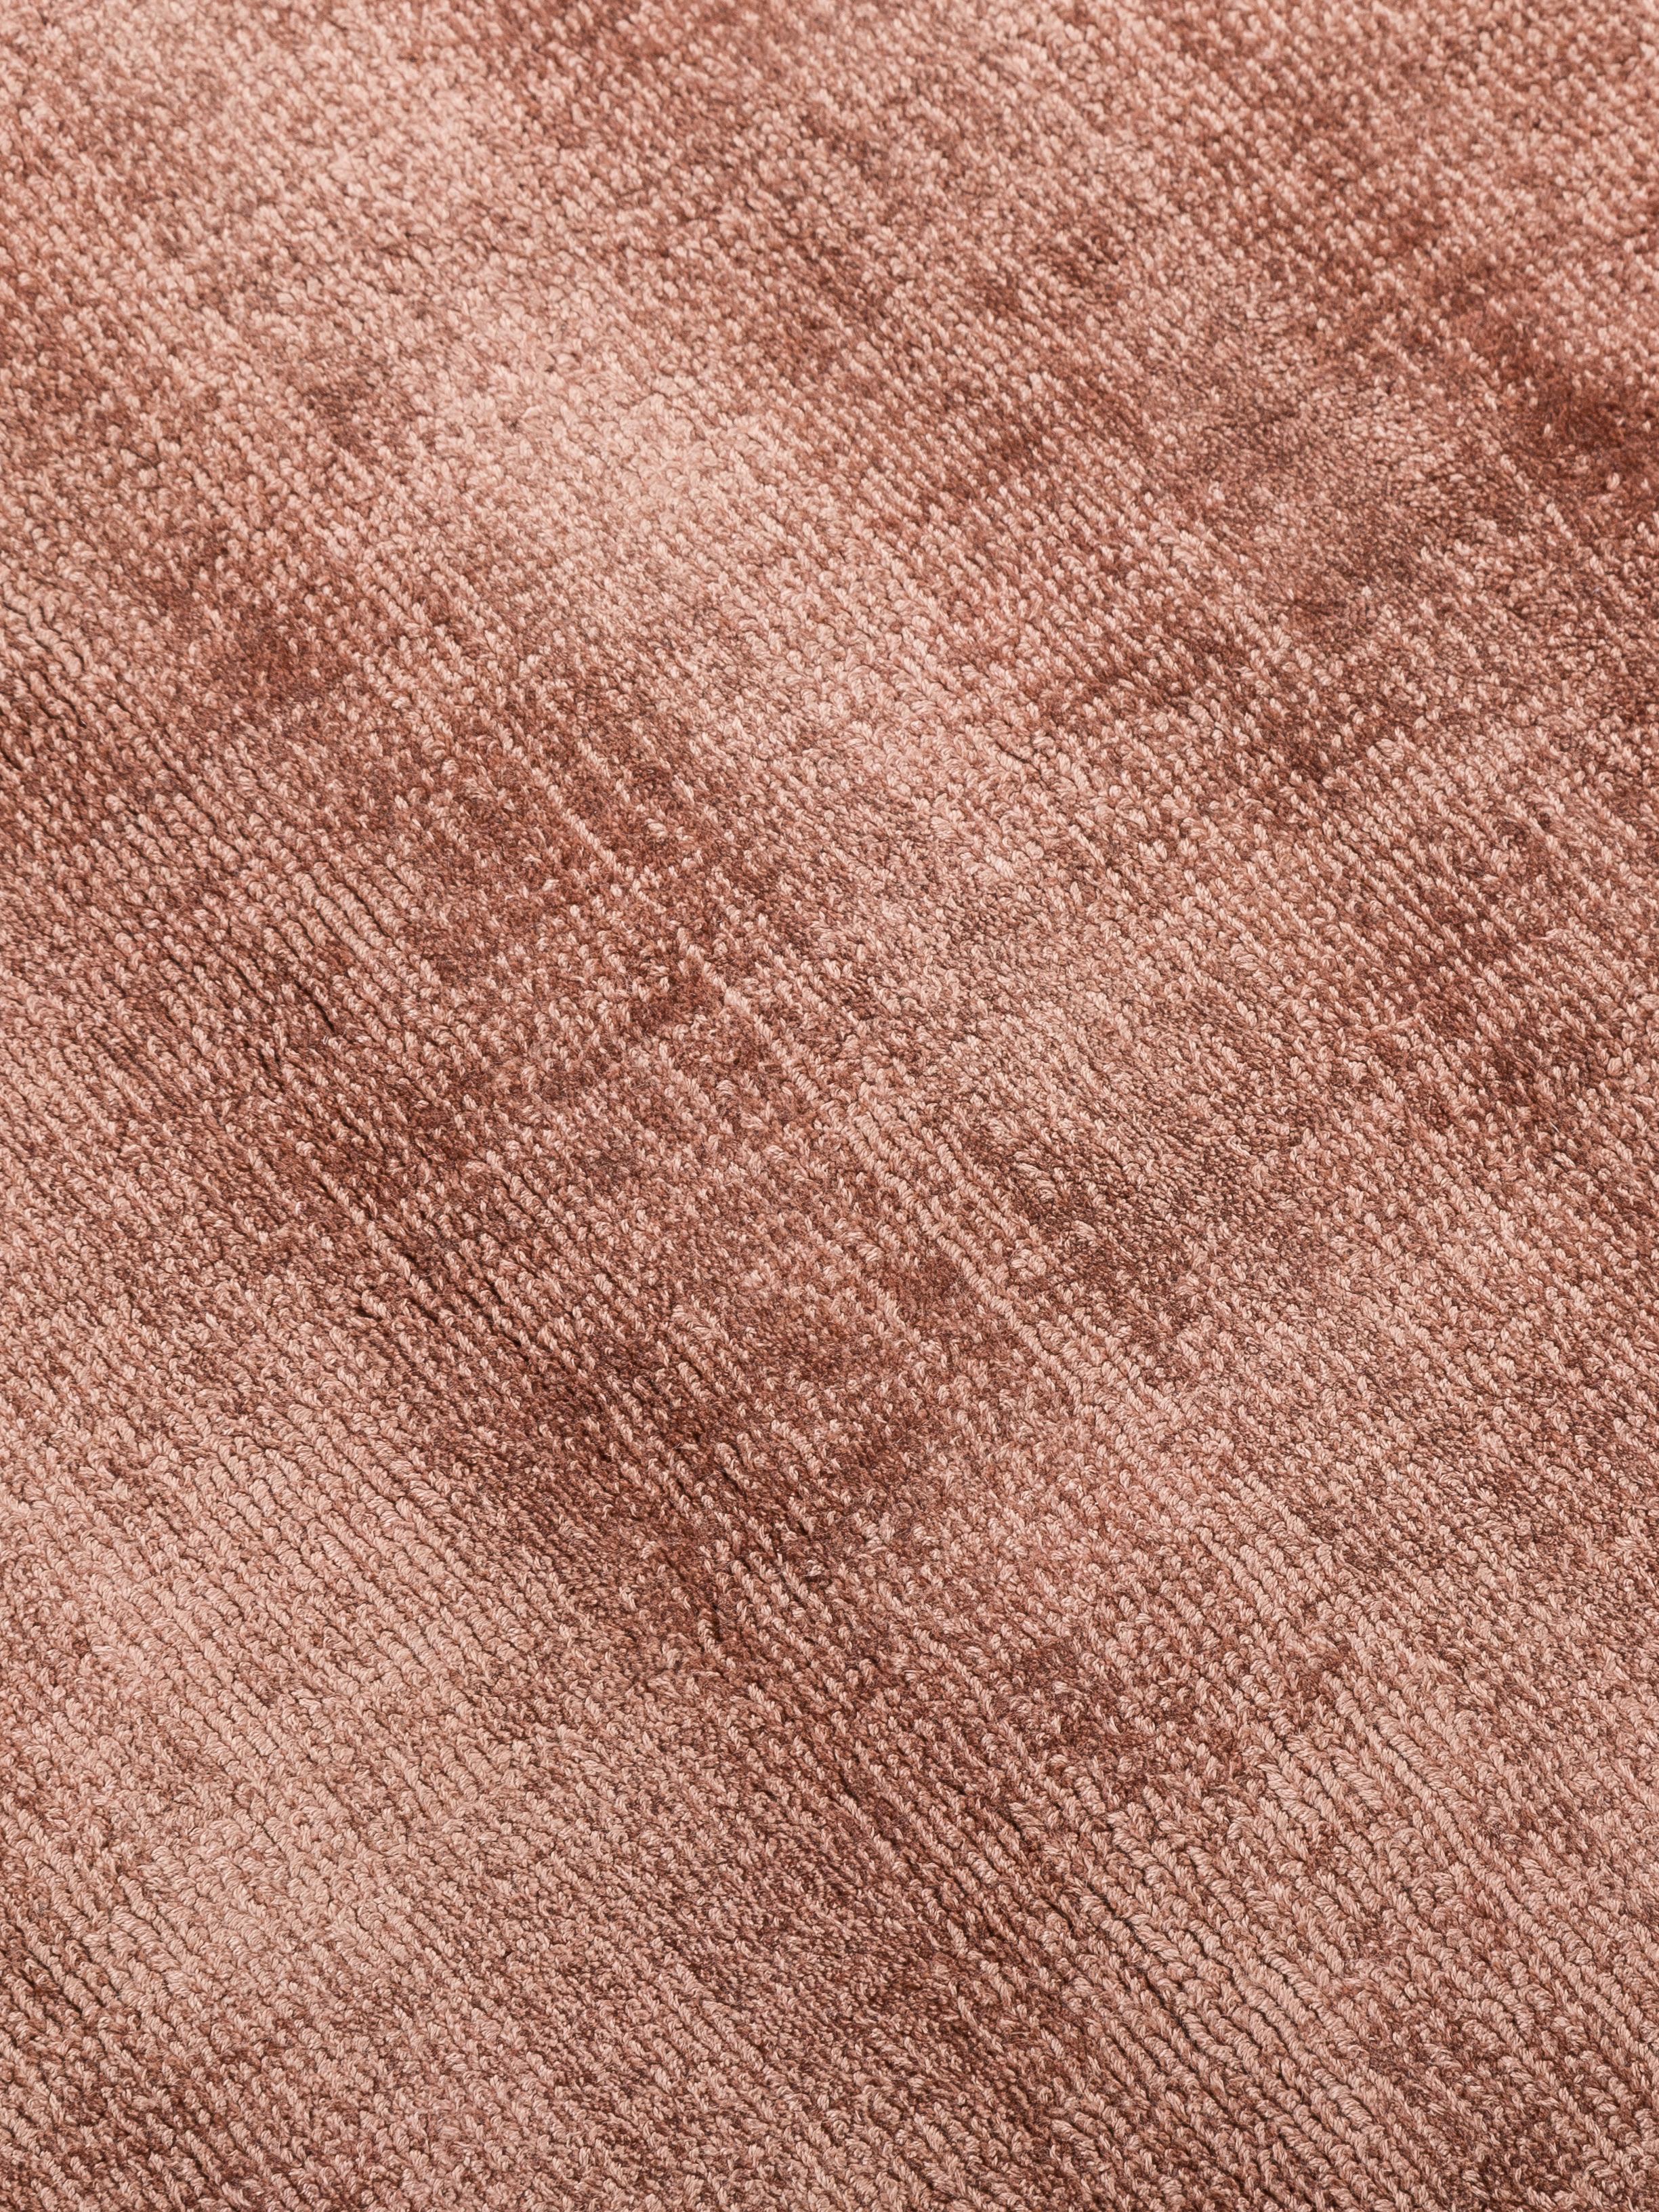 Tappeto in viscosa Jane Diamond, Retro: 100% cotone, Terracotta, Larg.160 x Lung. 230 cm  (taglia M)